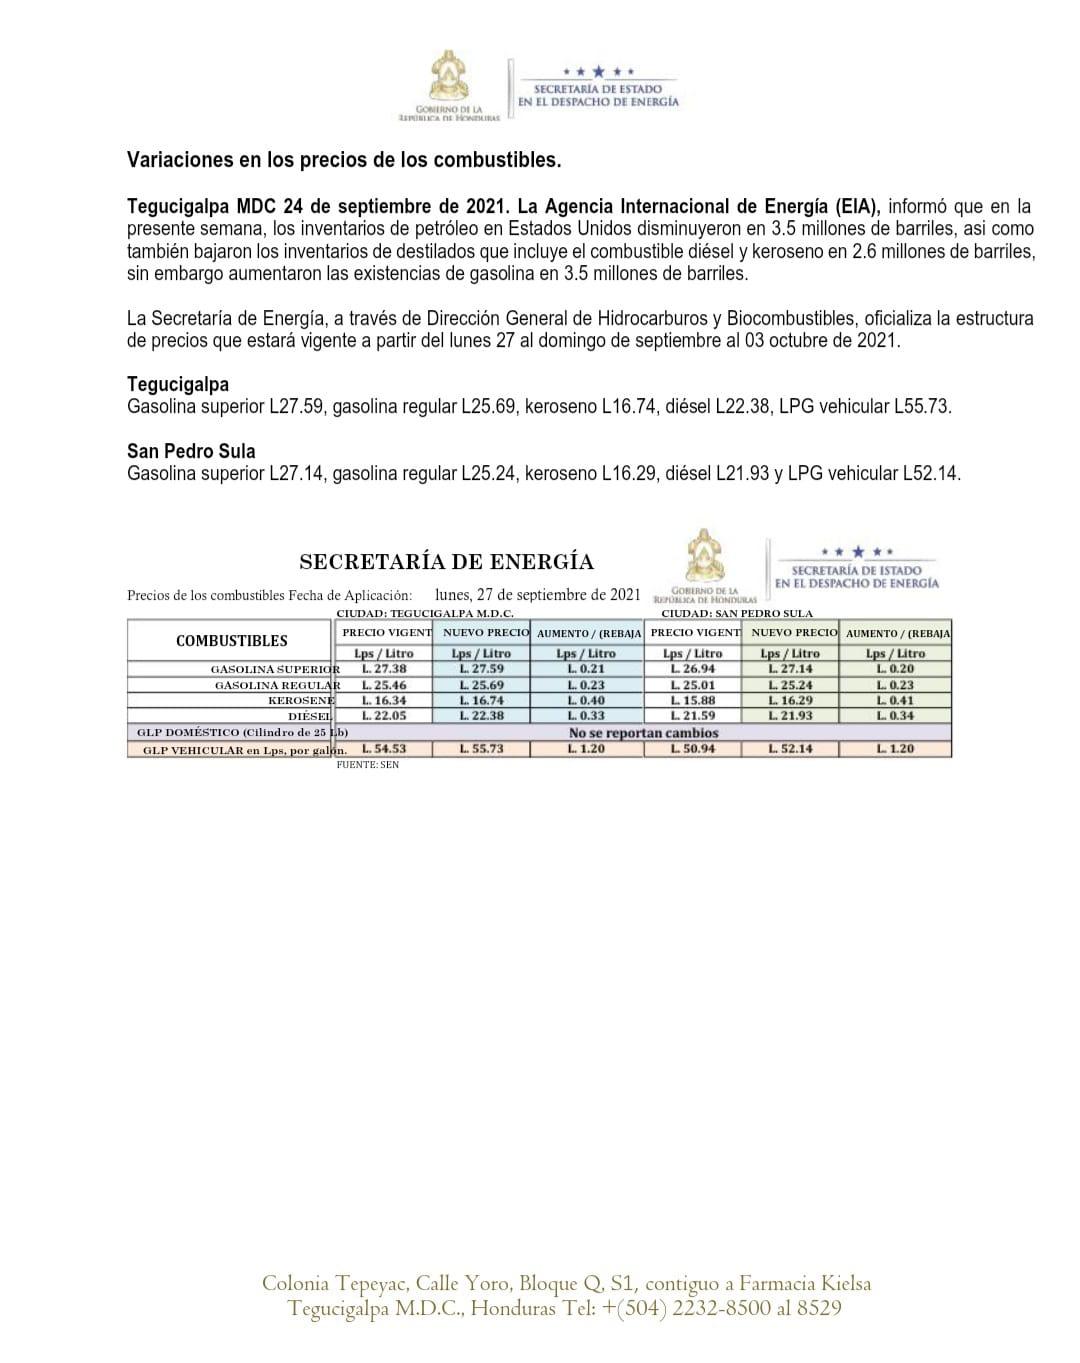 La nueva estructura publicada por la Secretaría de Estado en el Despacho de Energía.